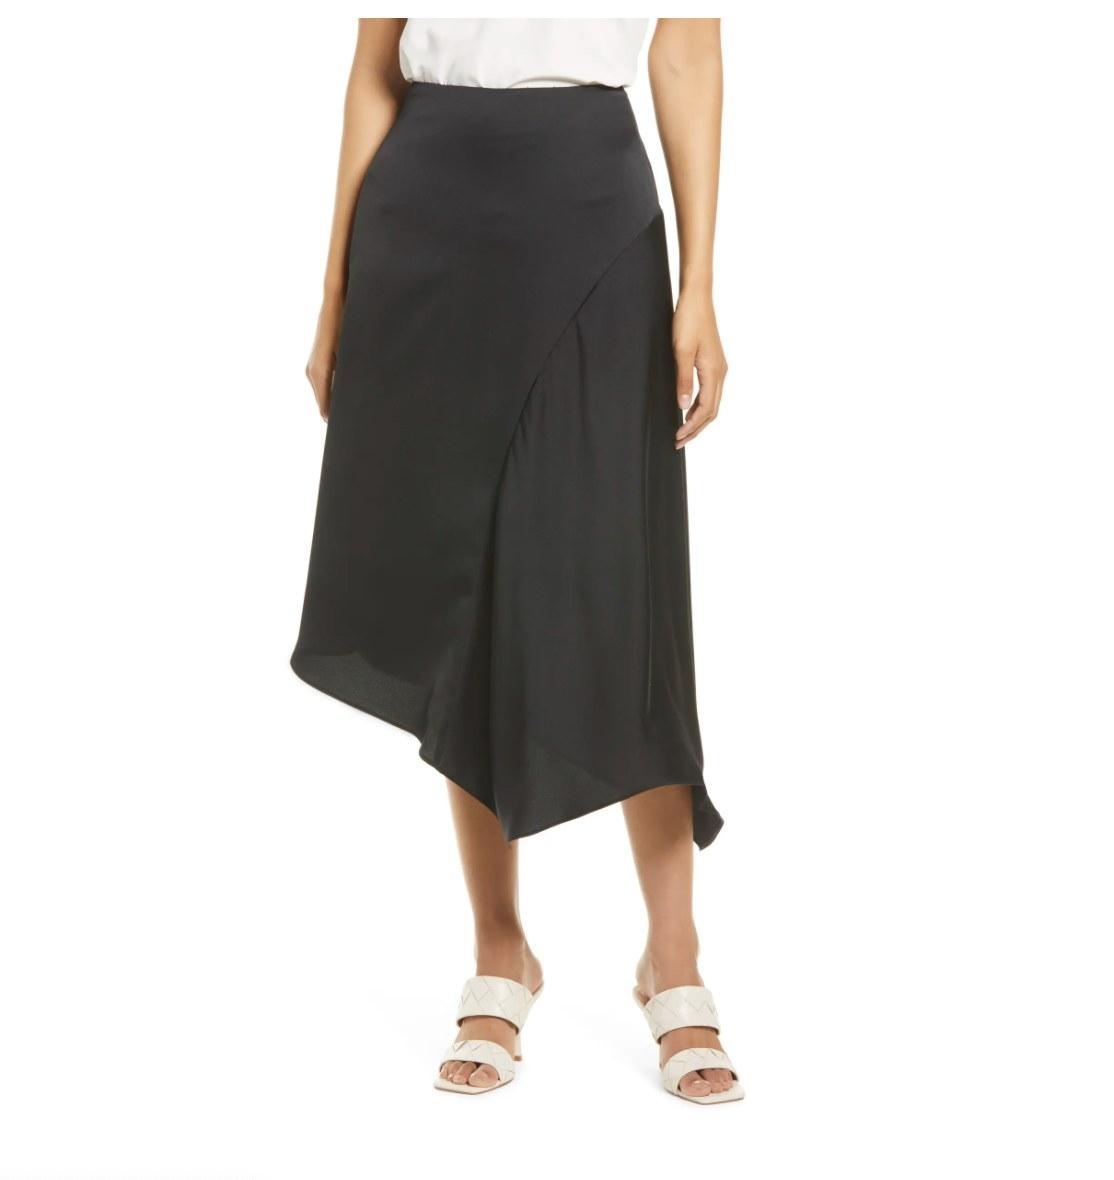 the asymmetrical satin skirt in black